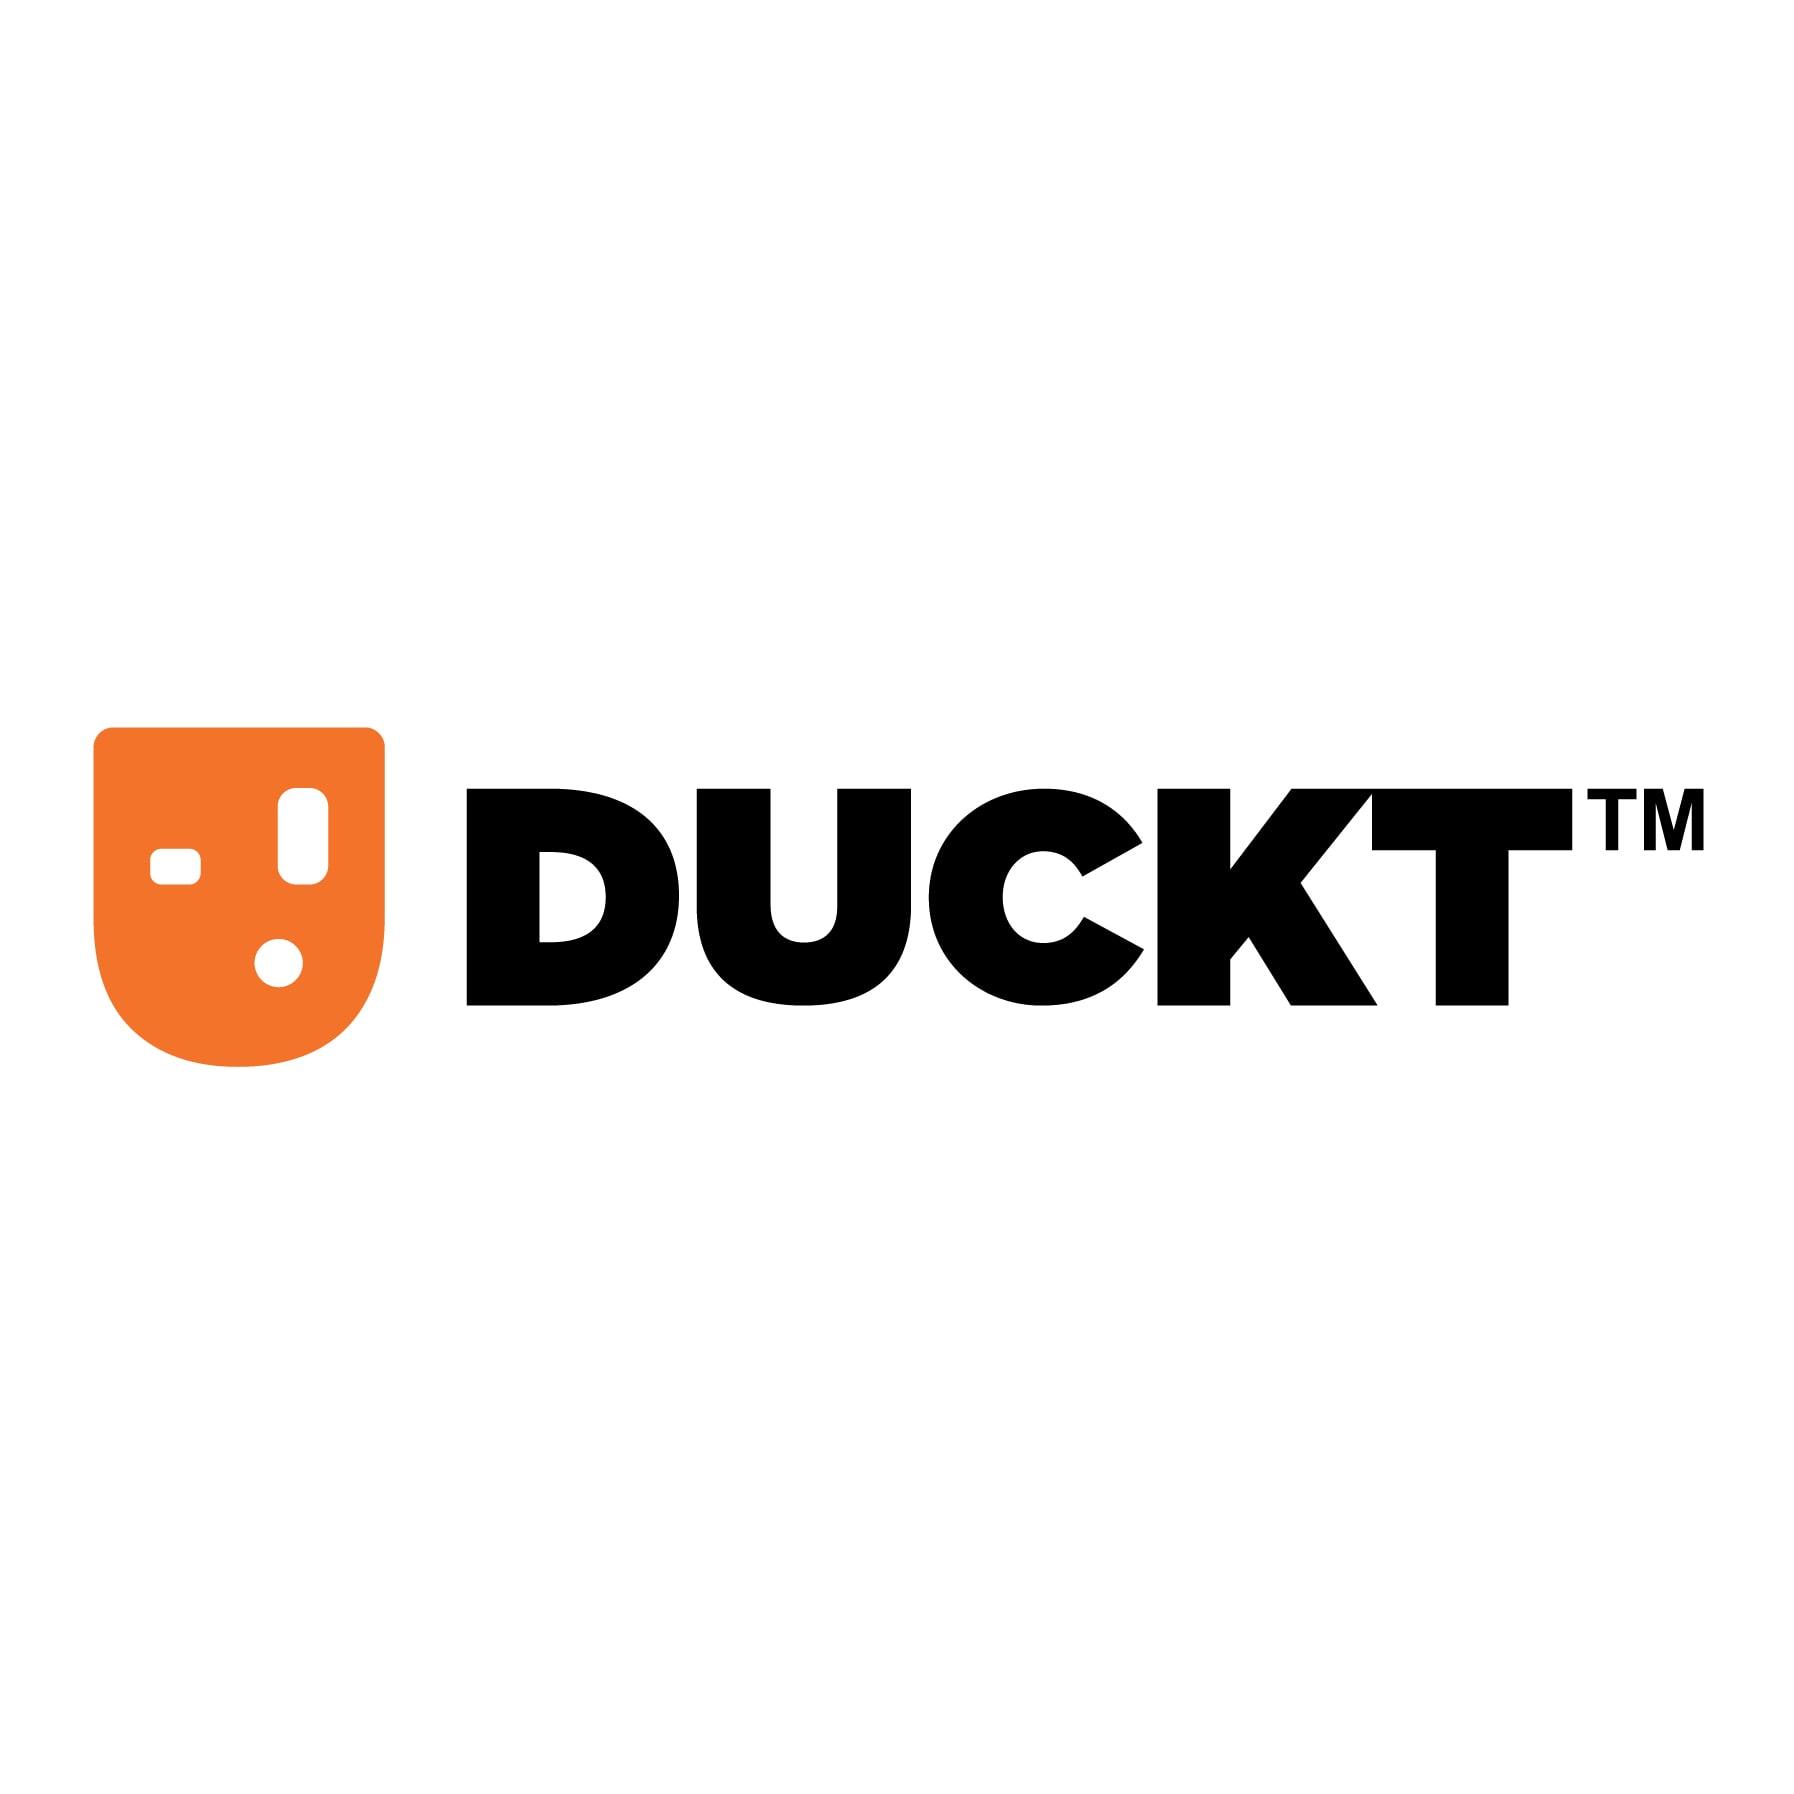 DUCKT icon